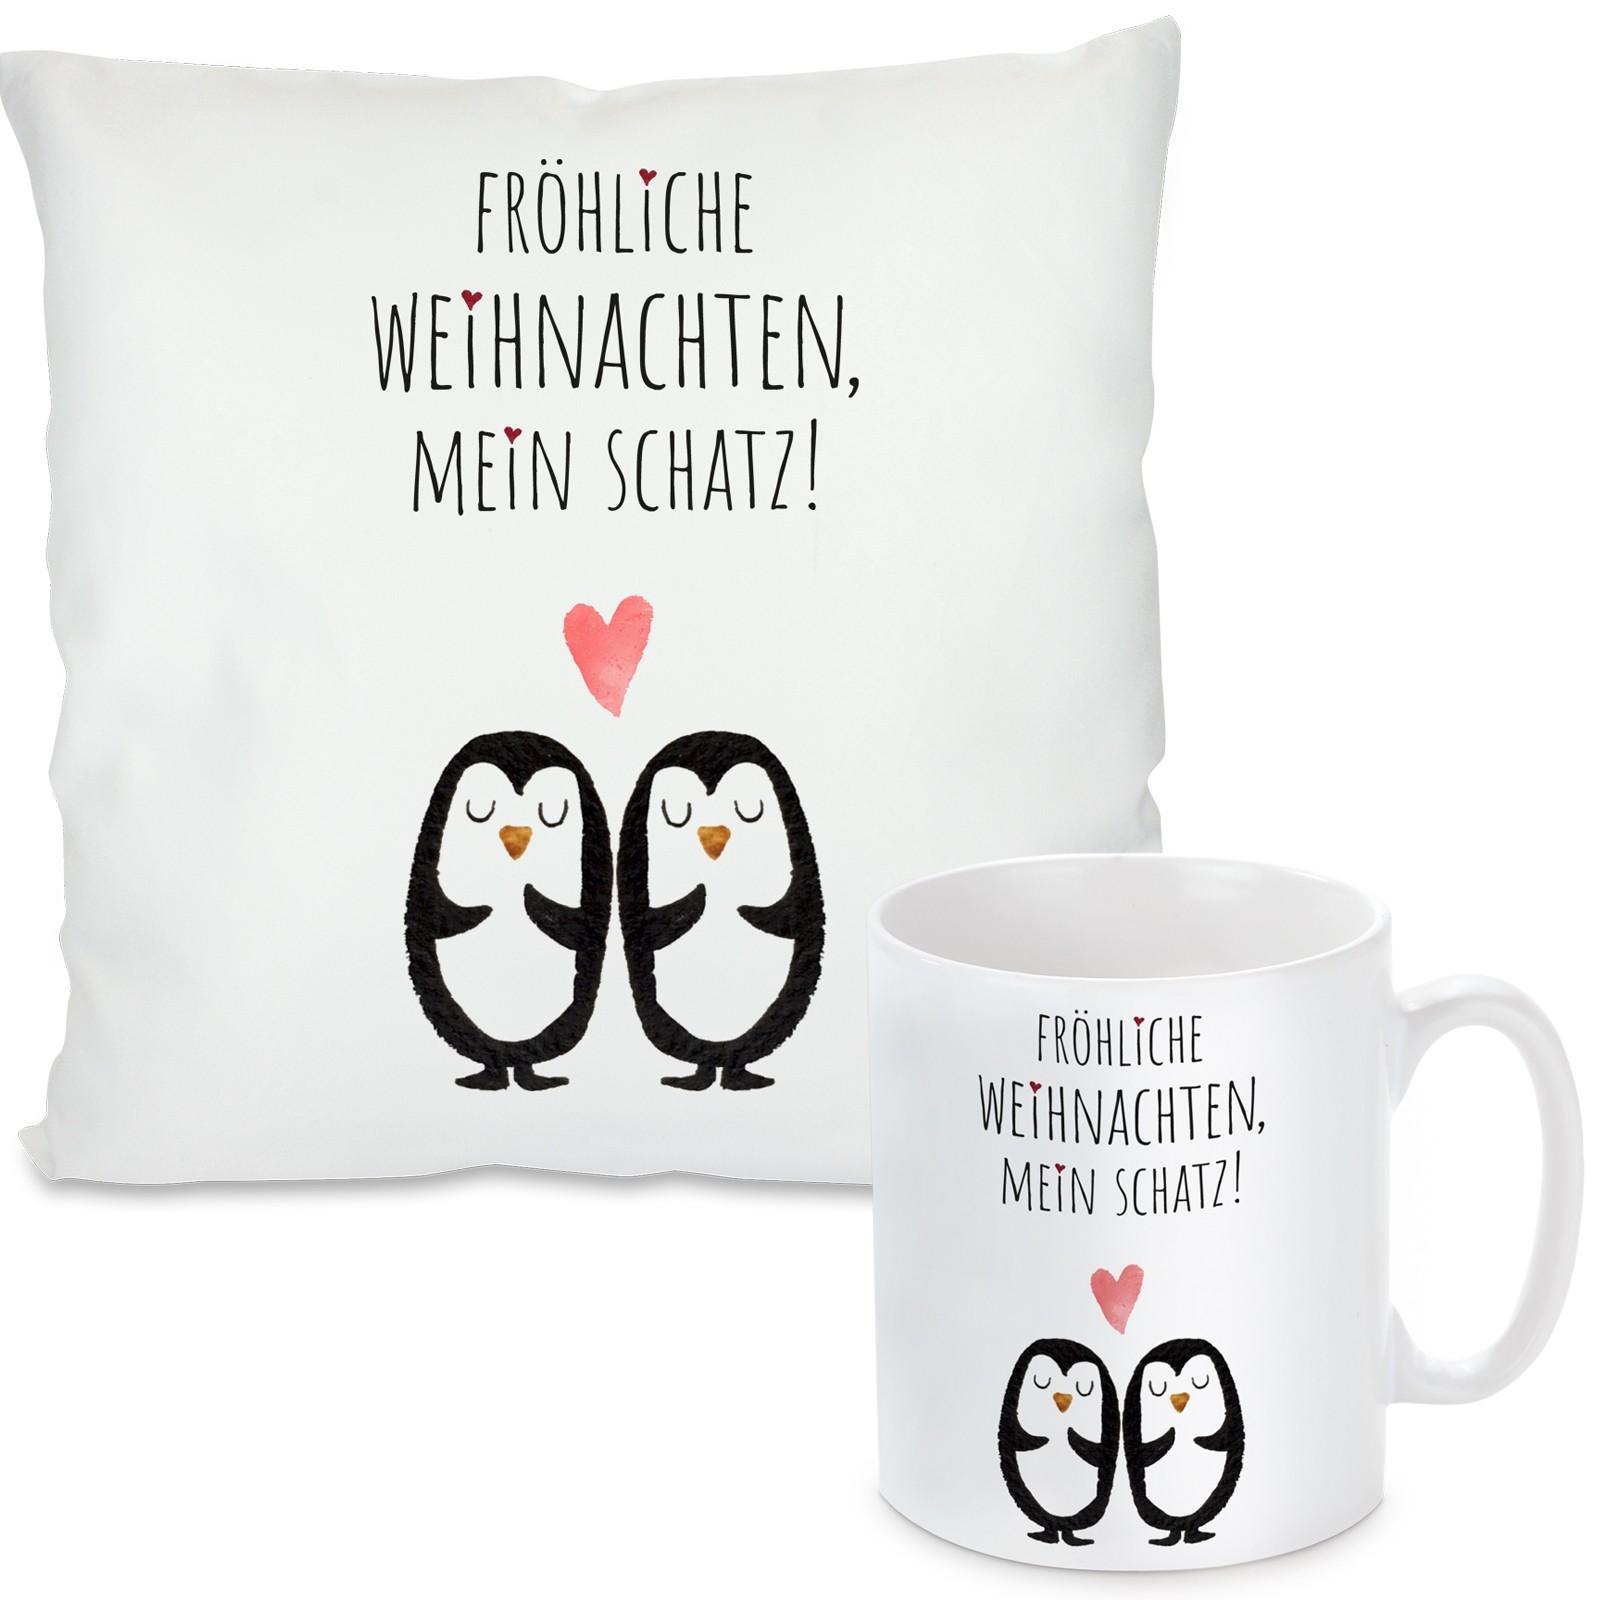 Kissen oder Tasse mit Motiv - Pinguine (personalisierbar)